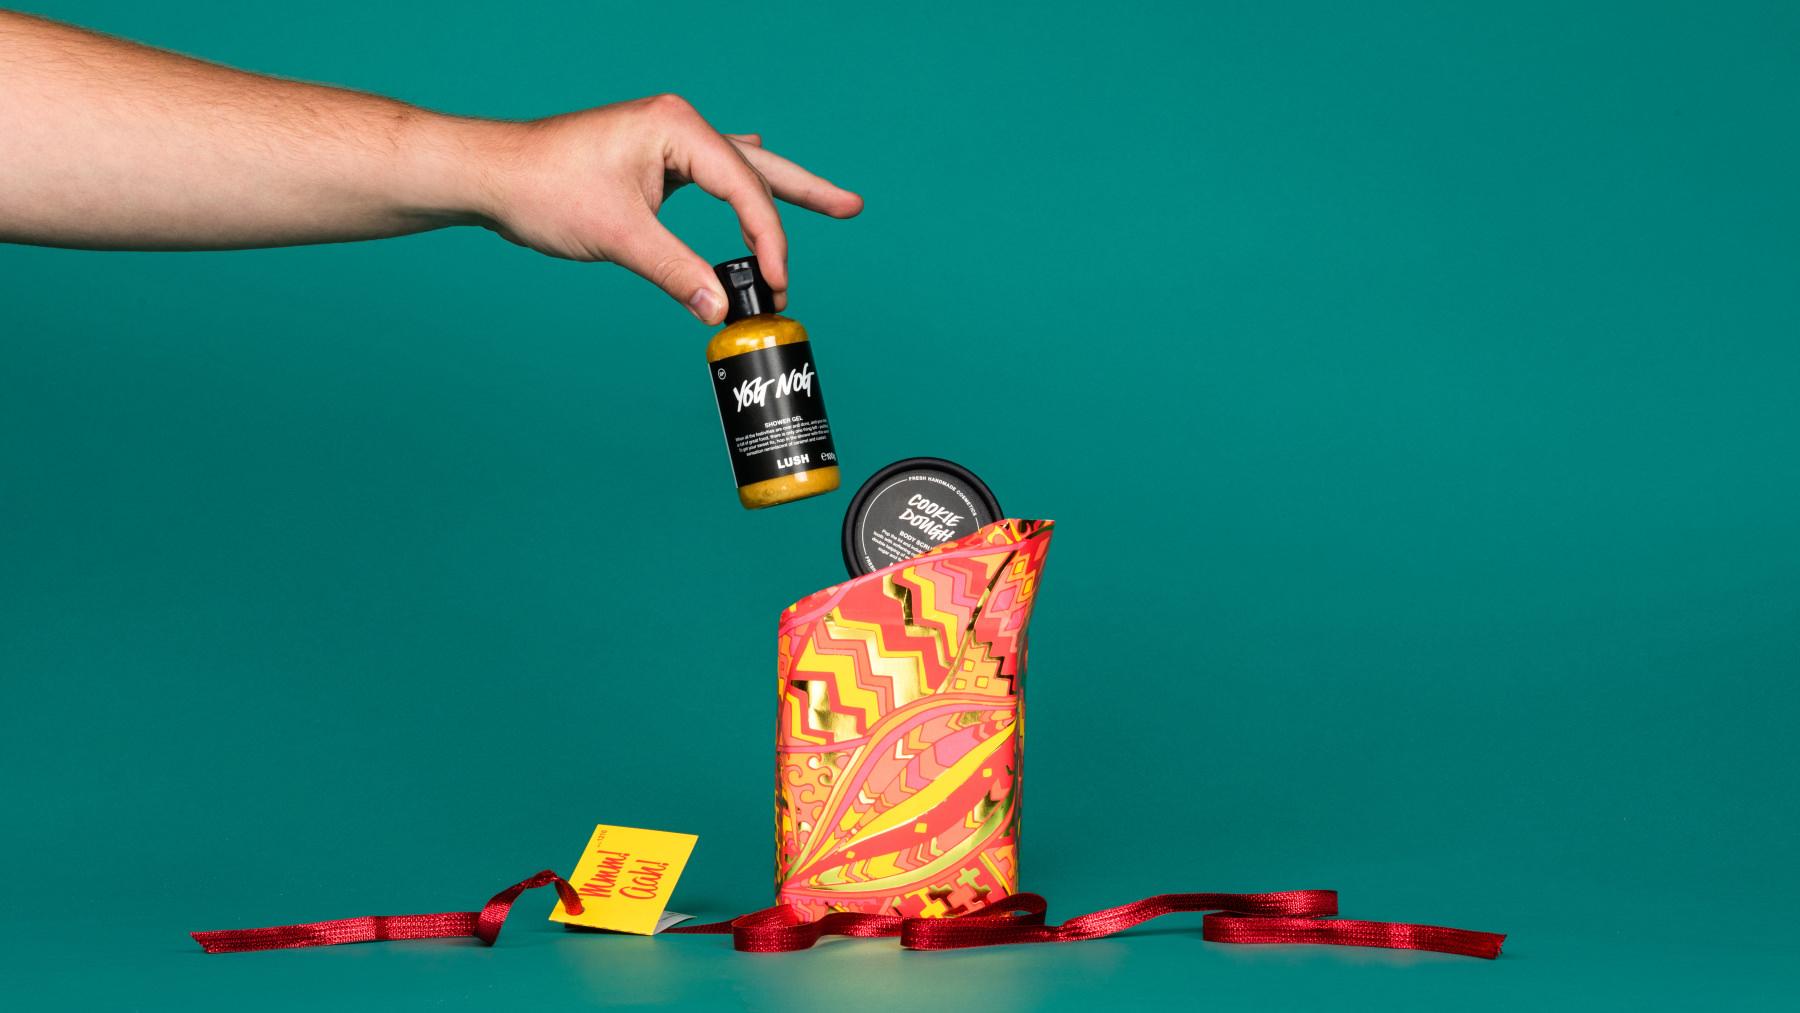 Una persona tiene tra le mani uno dei prodotti contenuti in Mmm Aah! - Confezione Regalo | Edizione Limitata Natale 2019